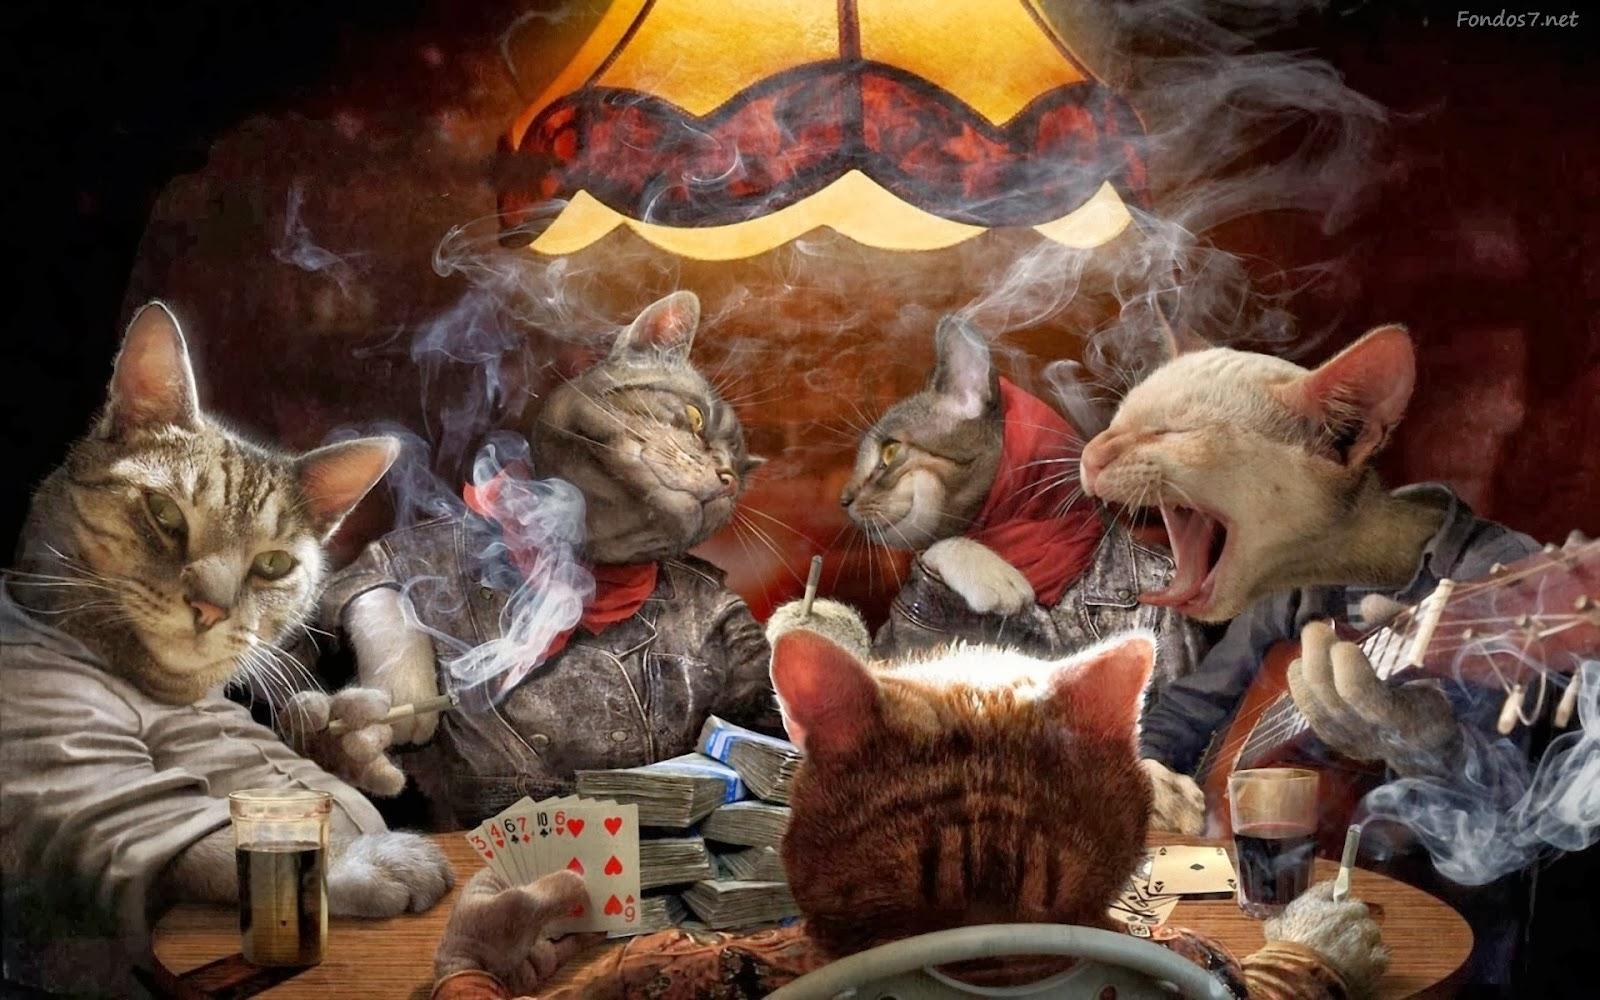 Día internacional del gato, Almas gemelas, Francisco Acuyo, Ancile